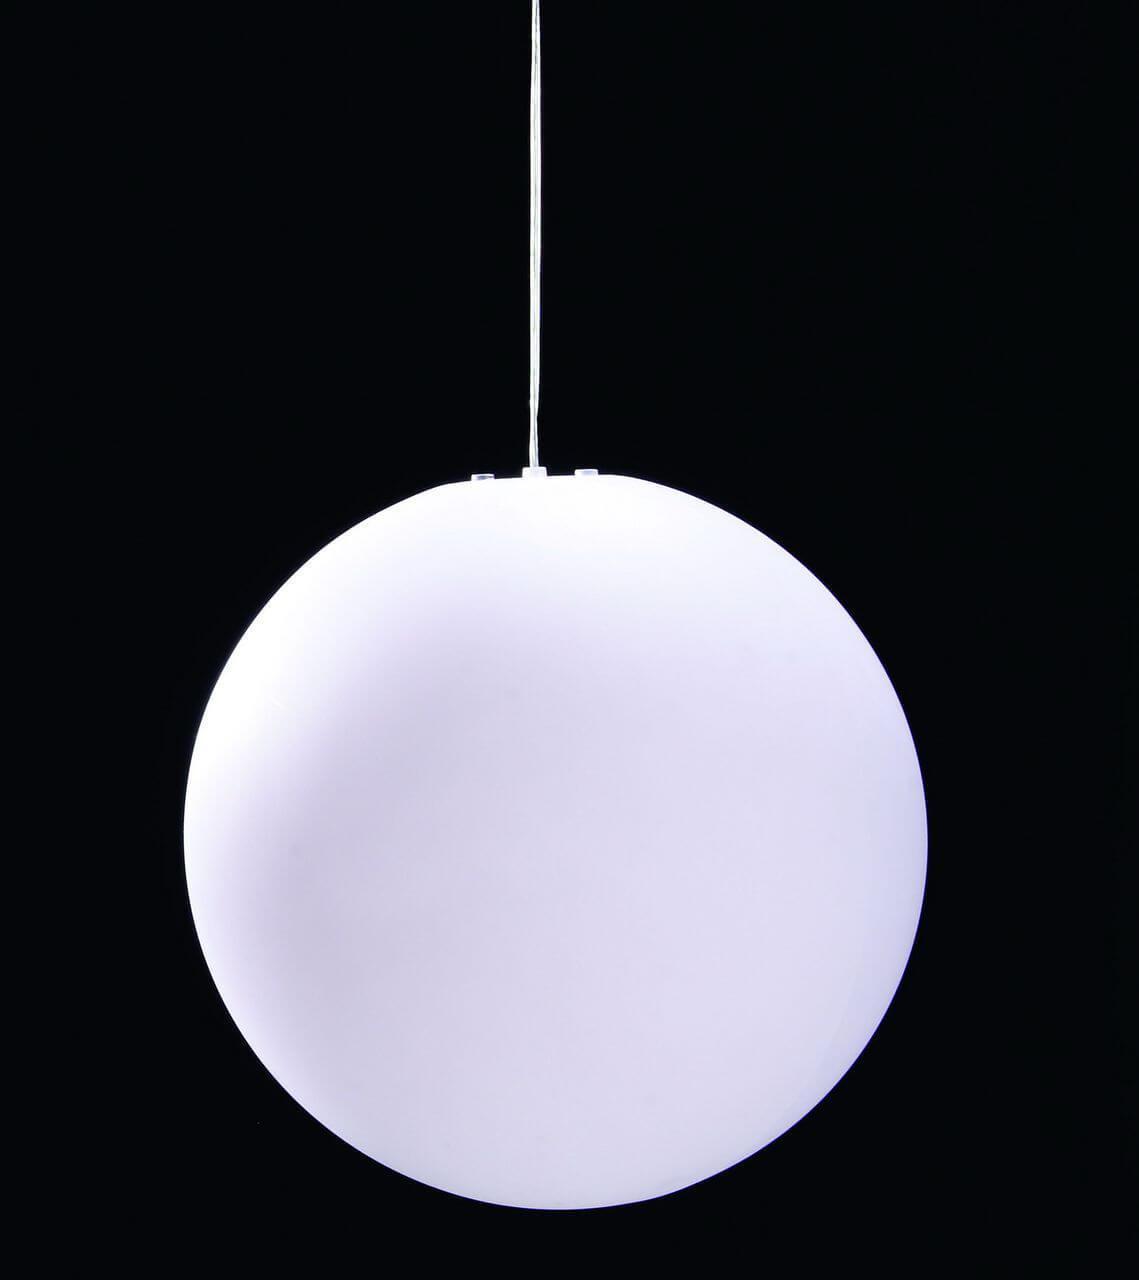 Подвесной светильник Mantra 1398, E27, 13 Вт подвесной светильник mantra sahara 4860